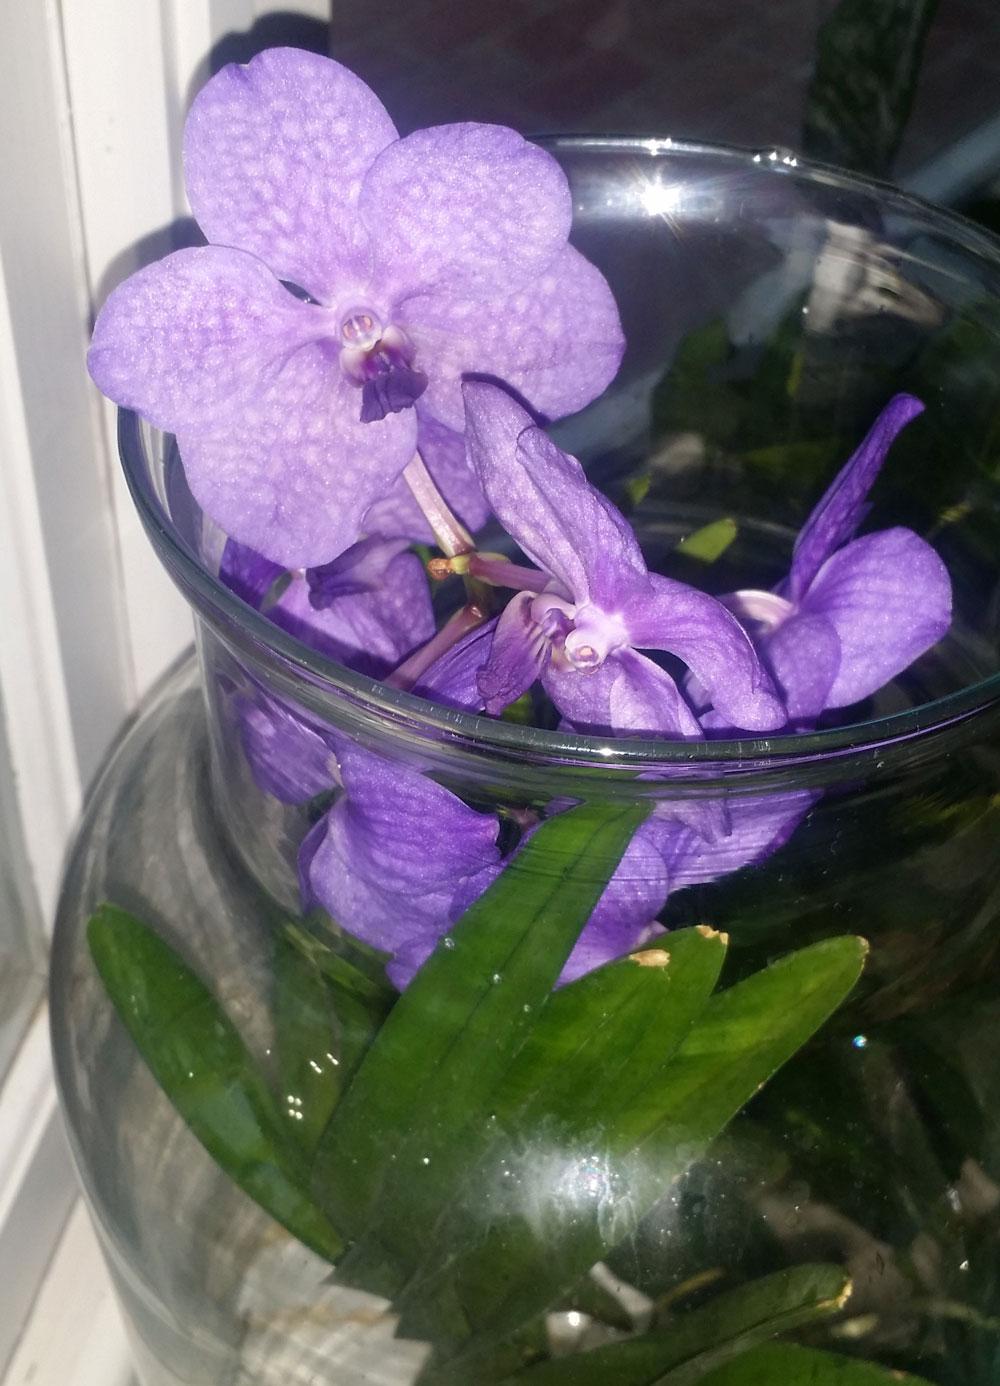 Vanda Orchid in Kentucky